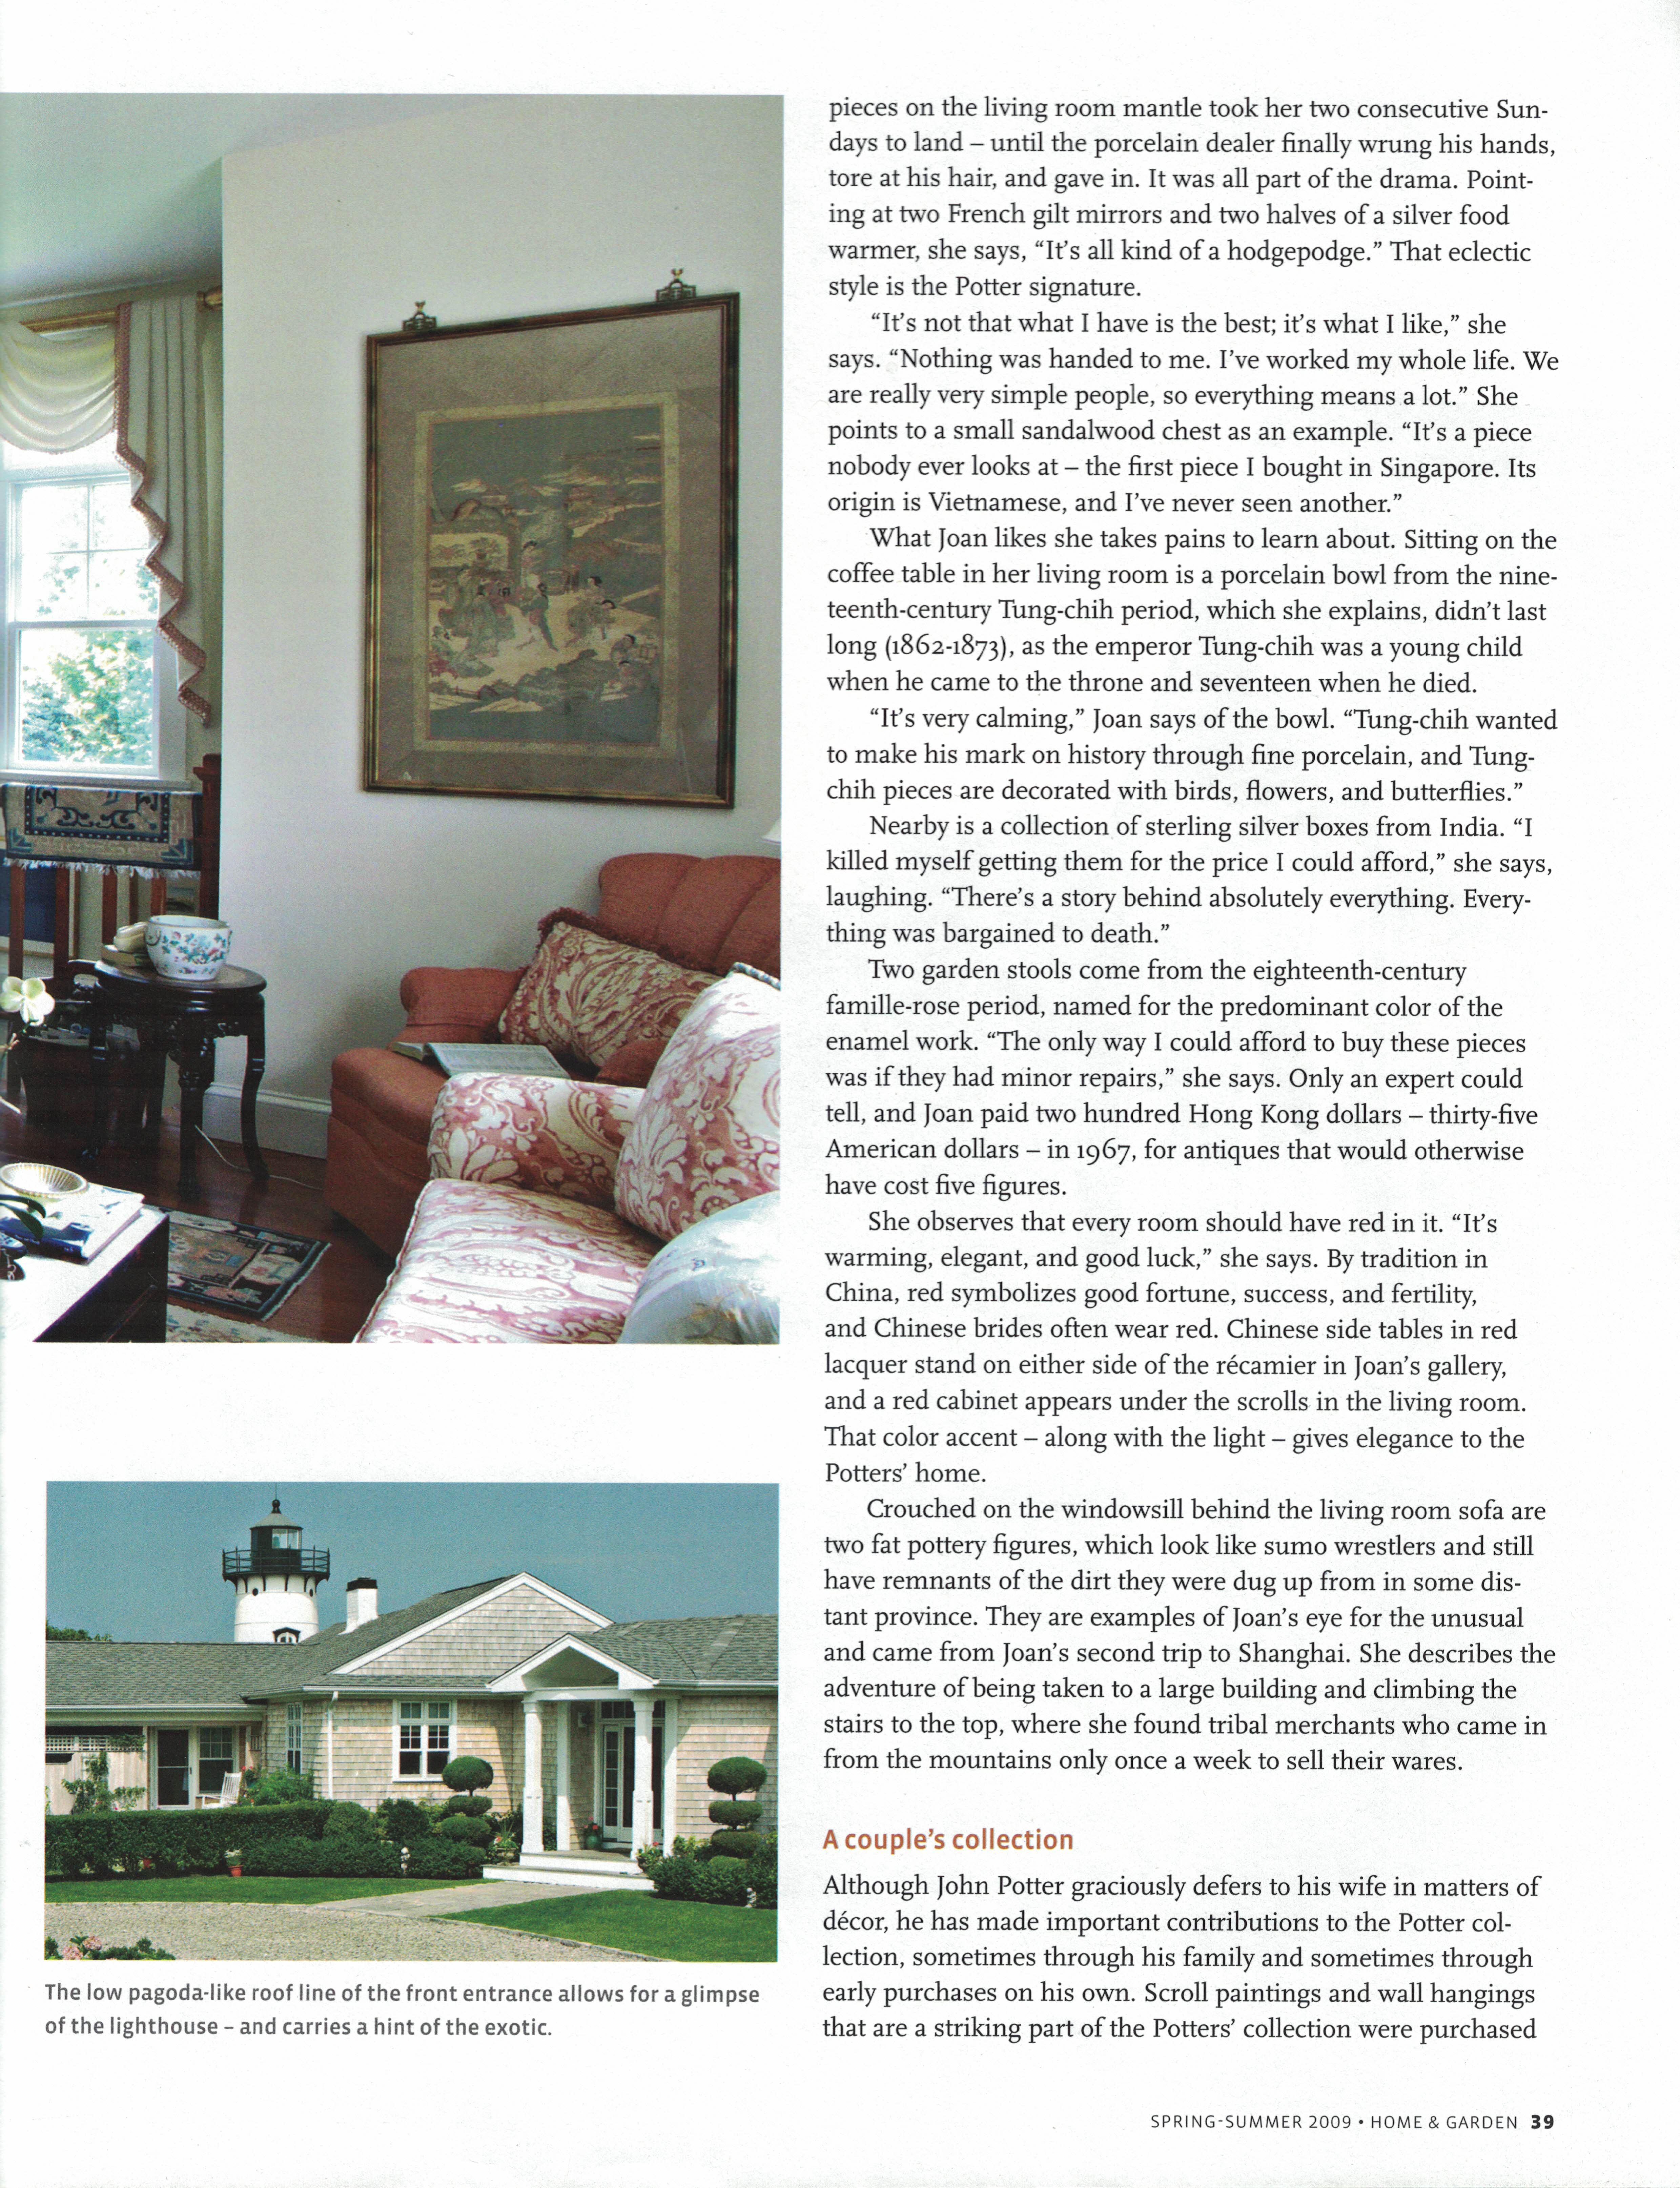 Marthas Vineyard Magazine Home & Garden Spring-Summer 2009 {Page 39}